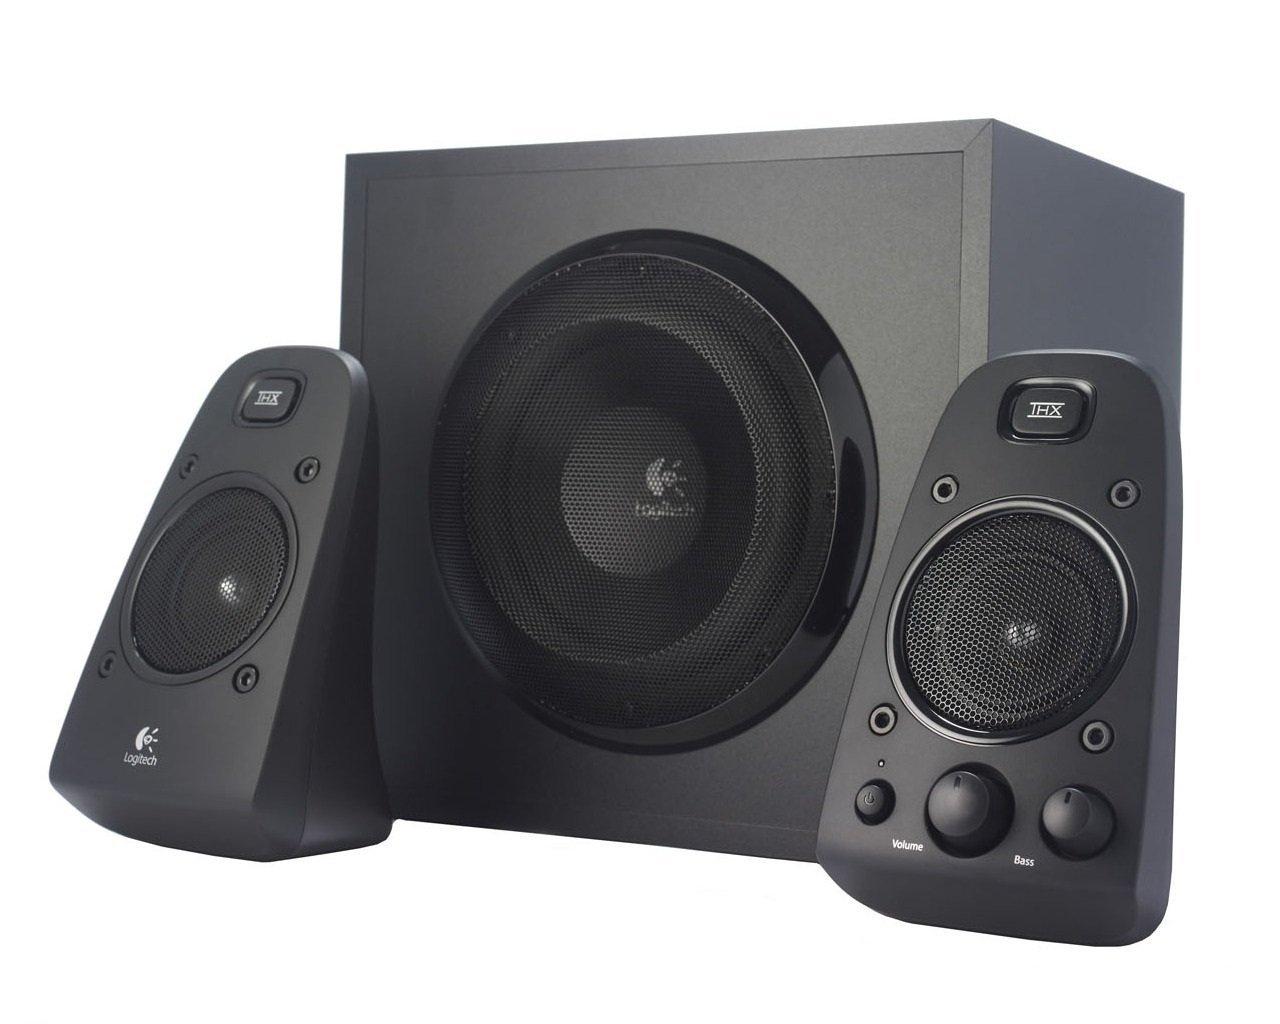 Logitech Z623 Soundsysteme 2.1 Stereo-Lautsprecher THX (Subwoofer) schwarz für 88€ versandkostenfrei (Saturn + Amazon)